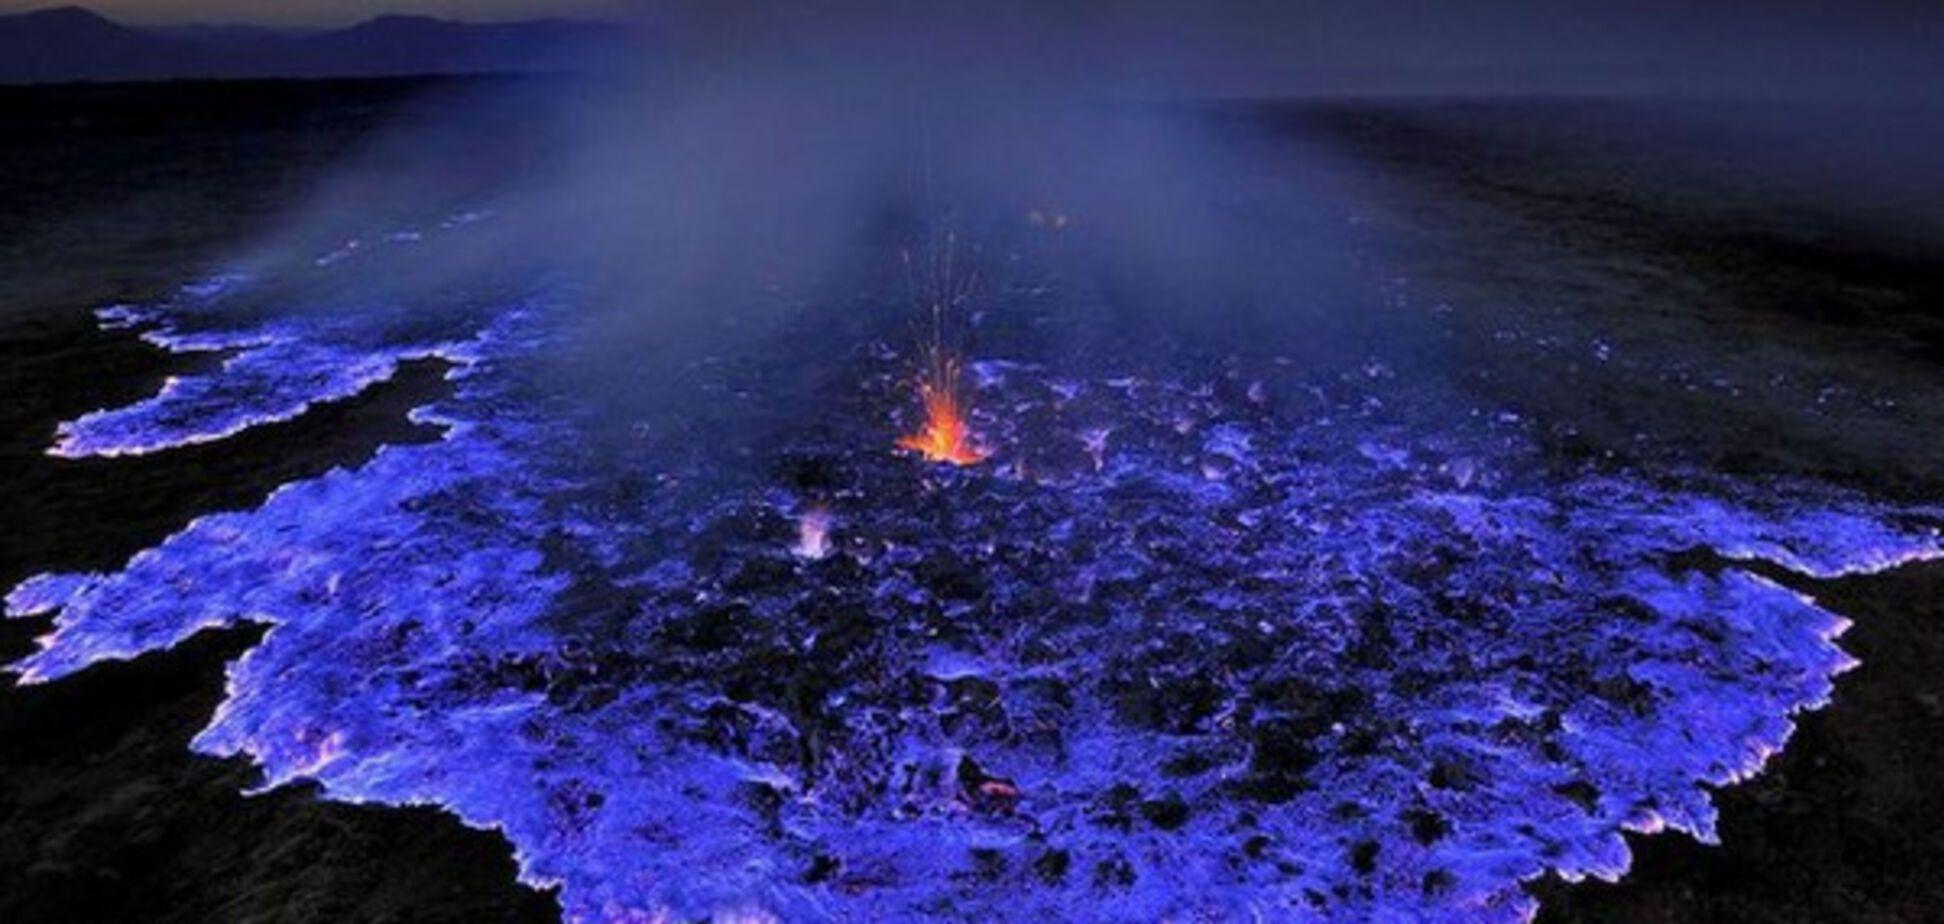 синяя лава в Индонезии